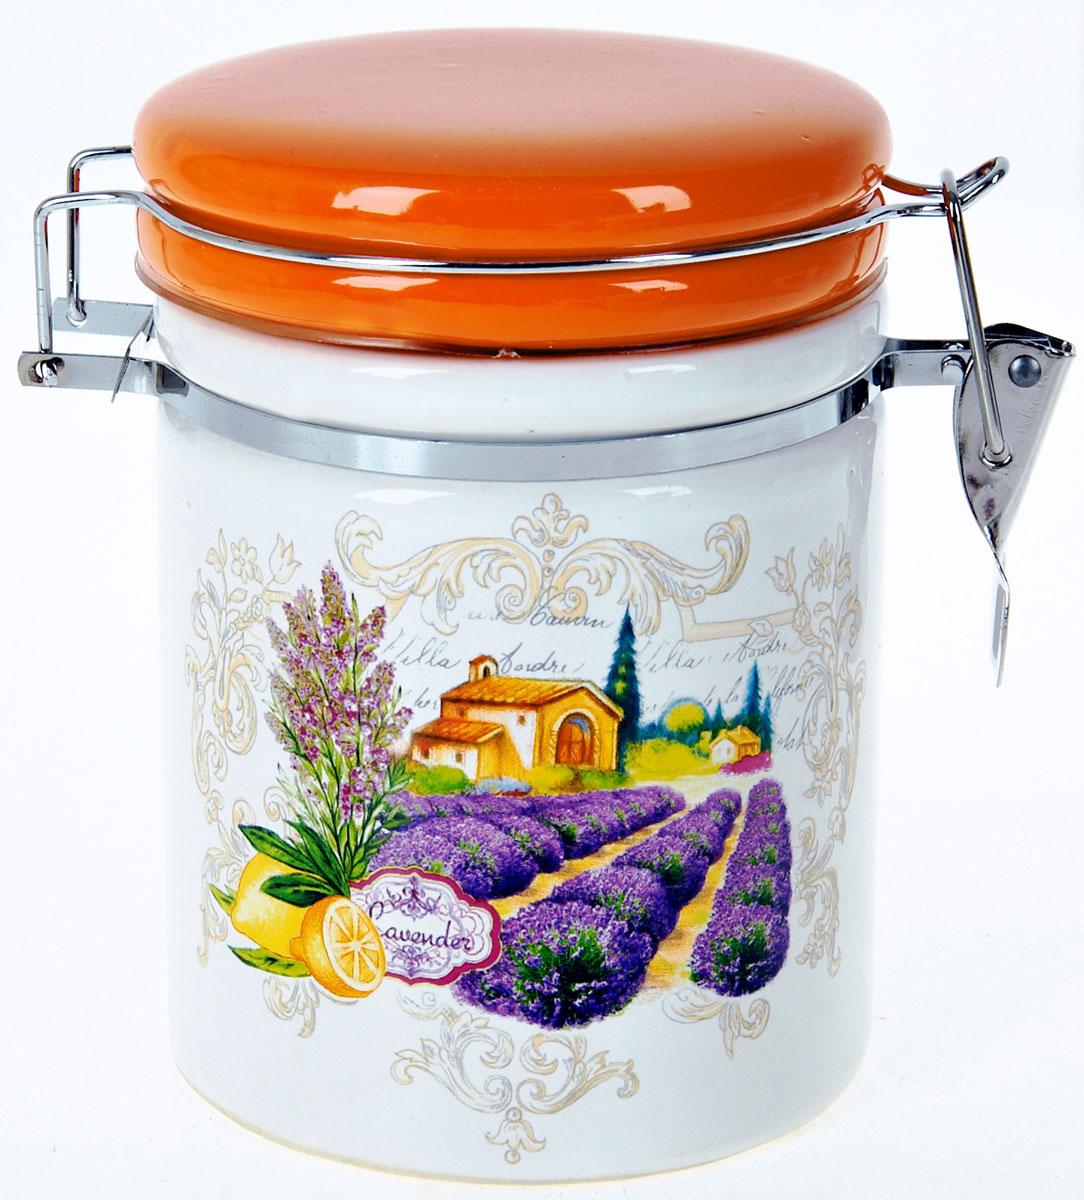 Банка для сыпучих продуктов Polystar Прованс, 850 мл банка для сыпучих продуктов polystar sweet home 850 мл